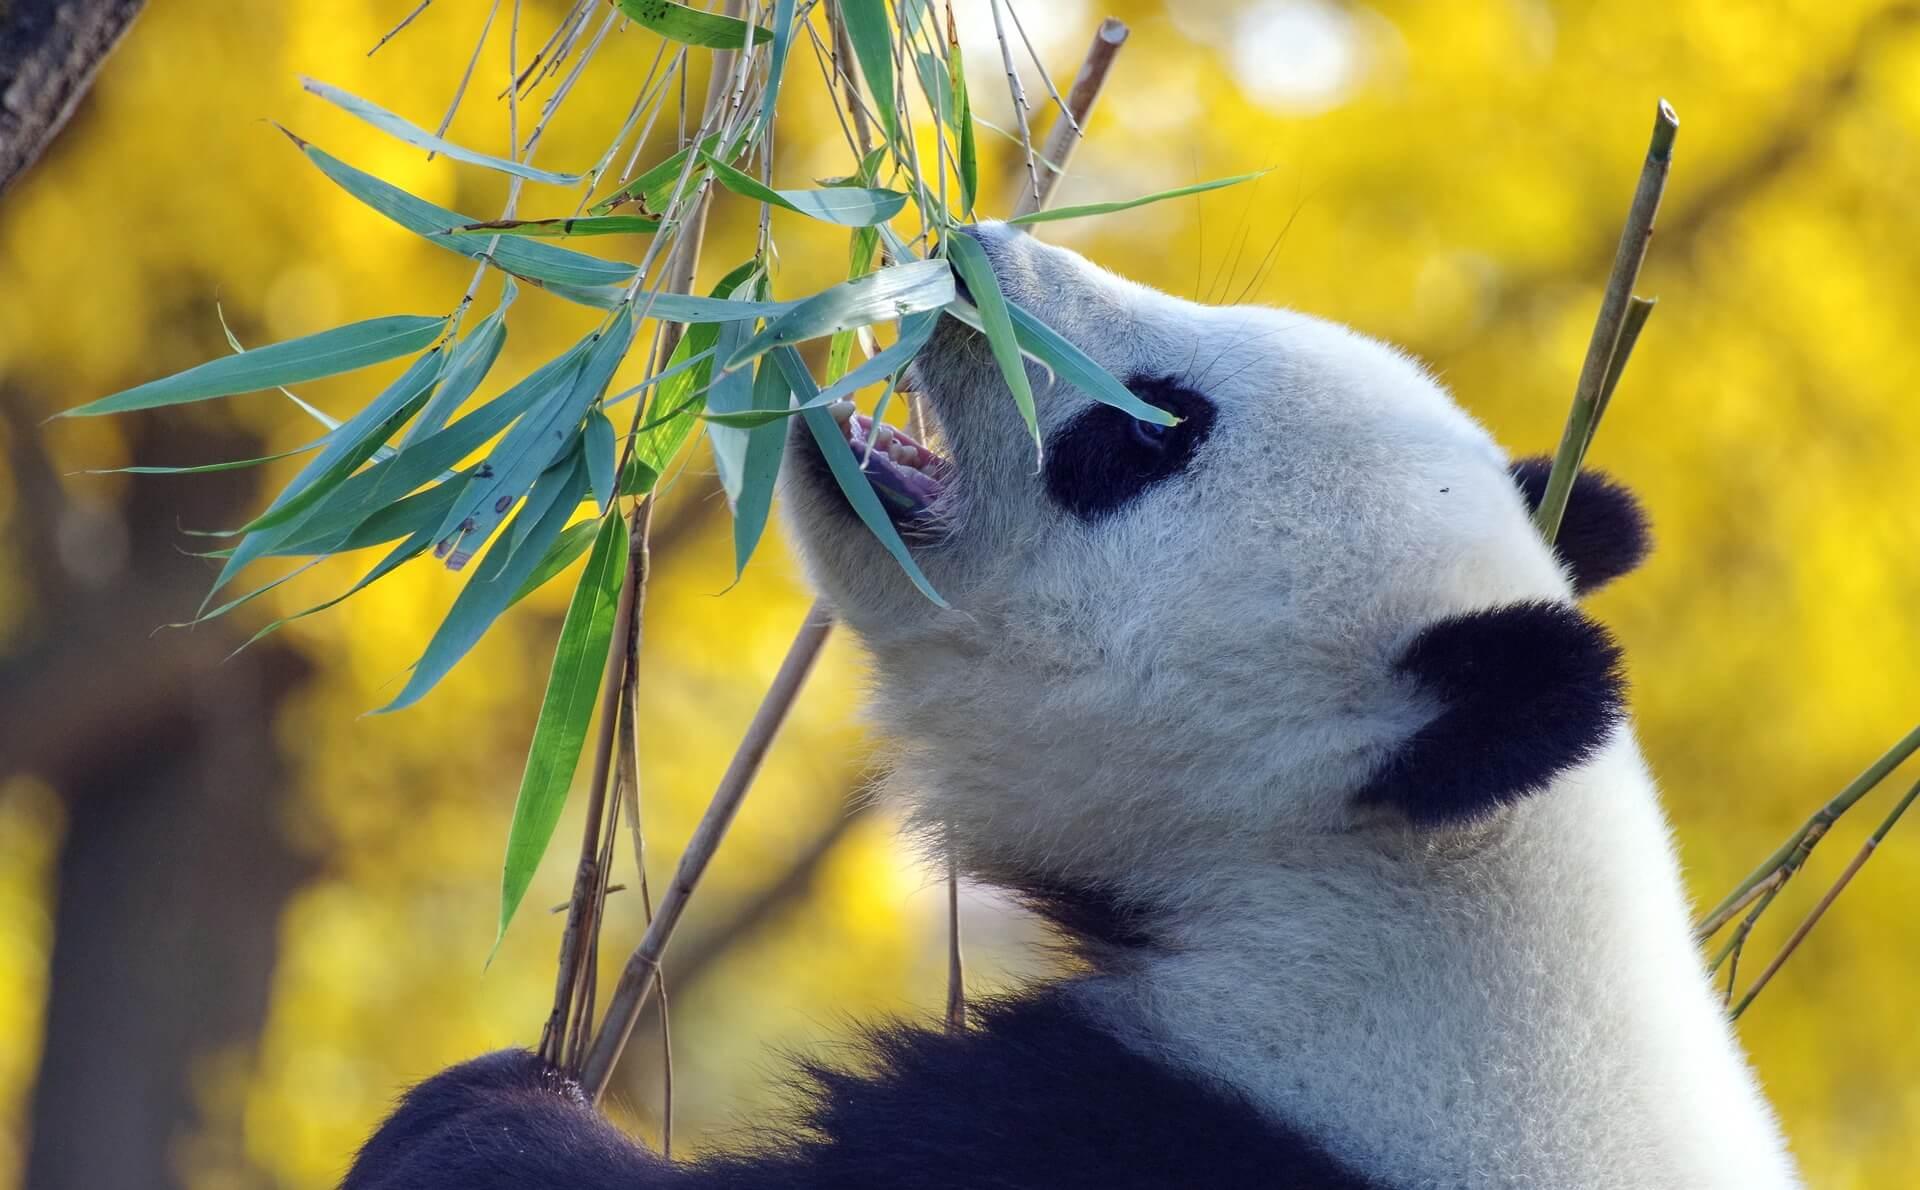 panda-4421395_1920